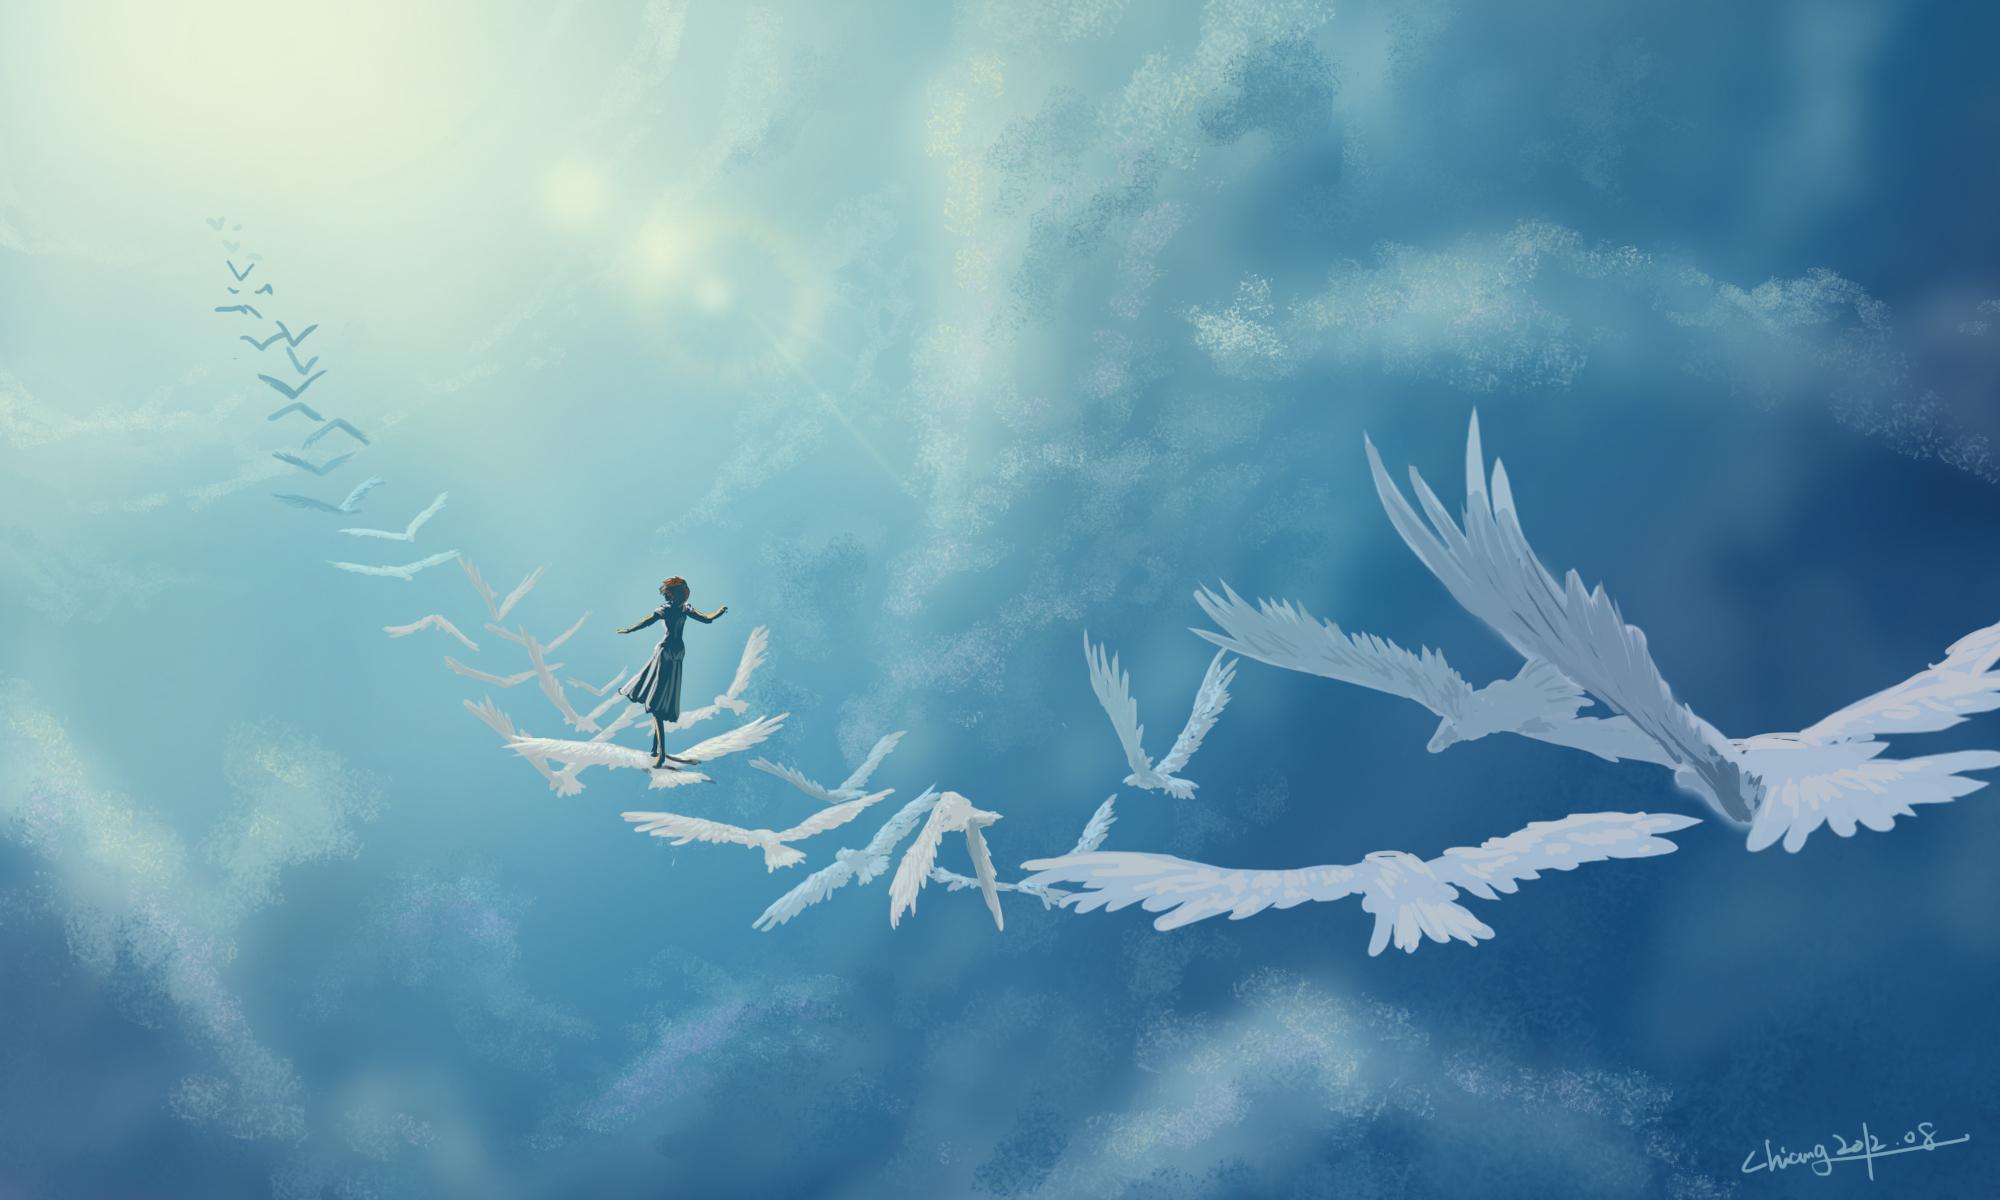 которая лететь на крыльях любви картинки друзья